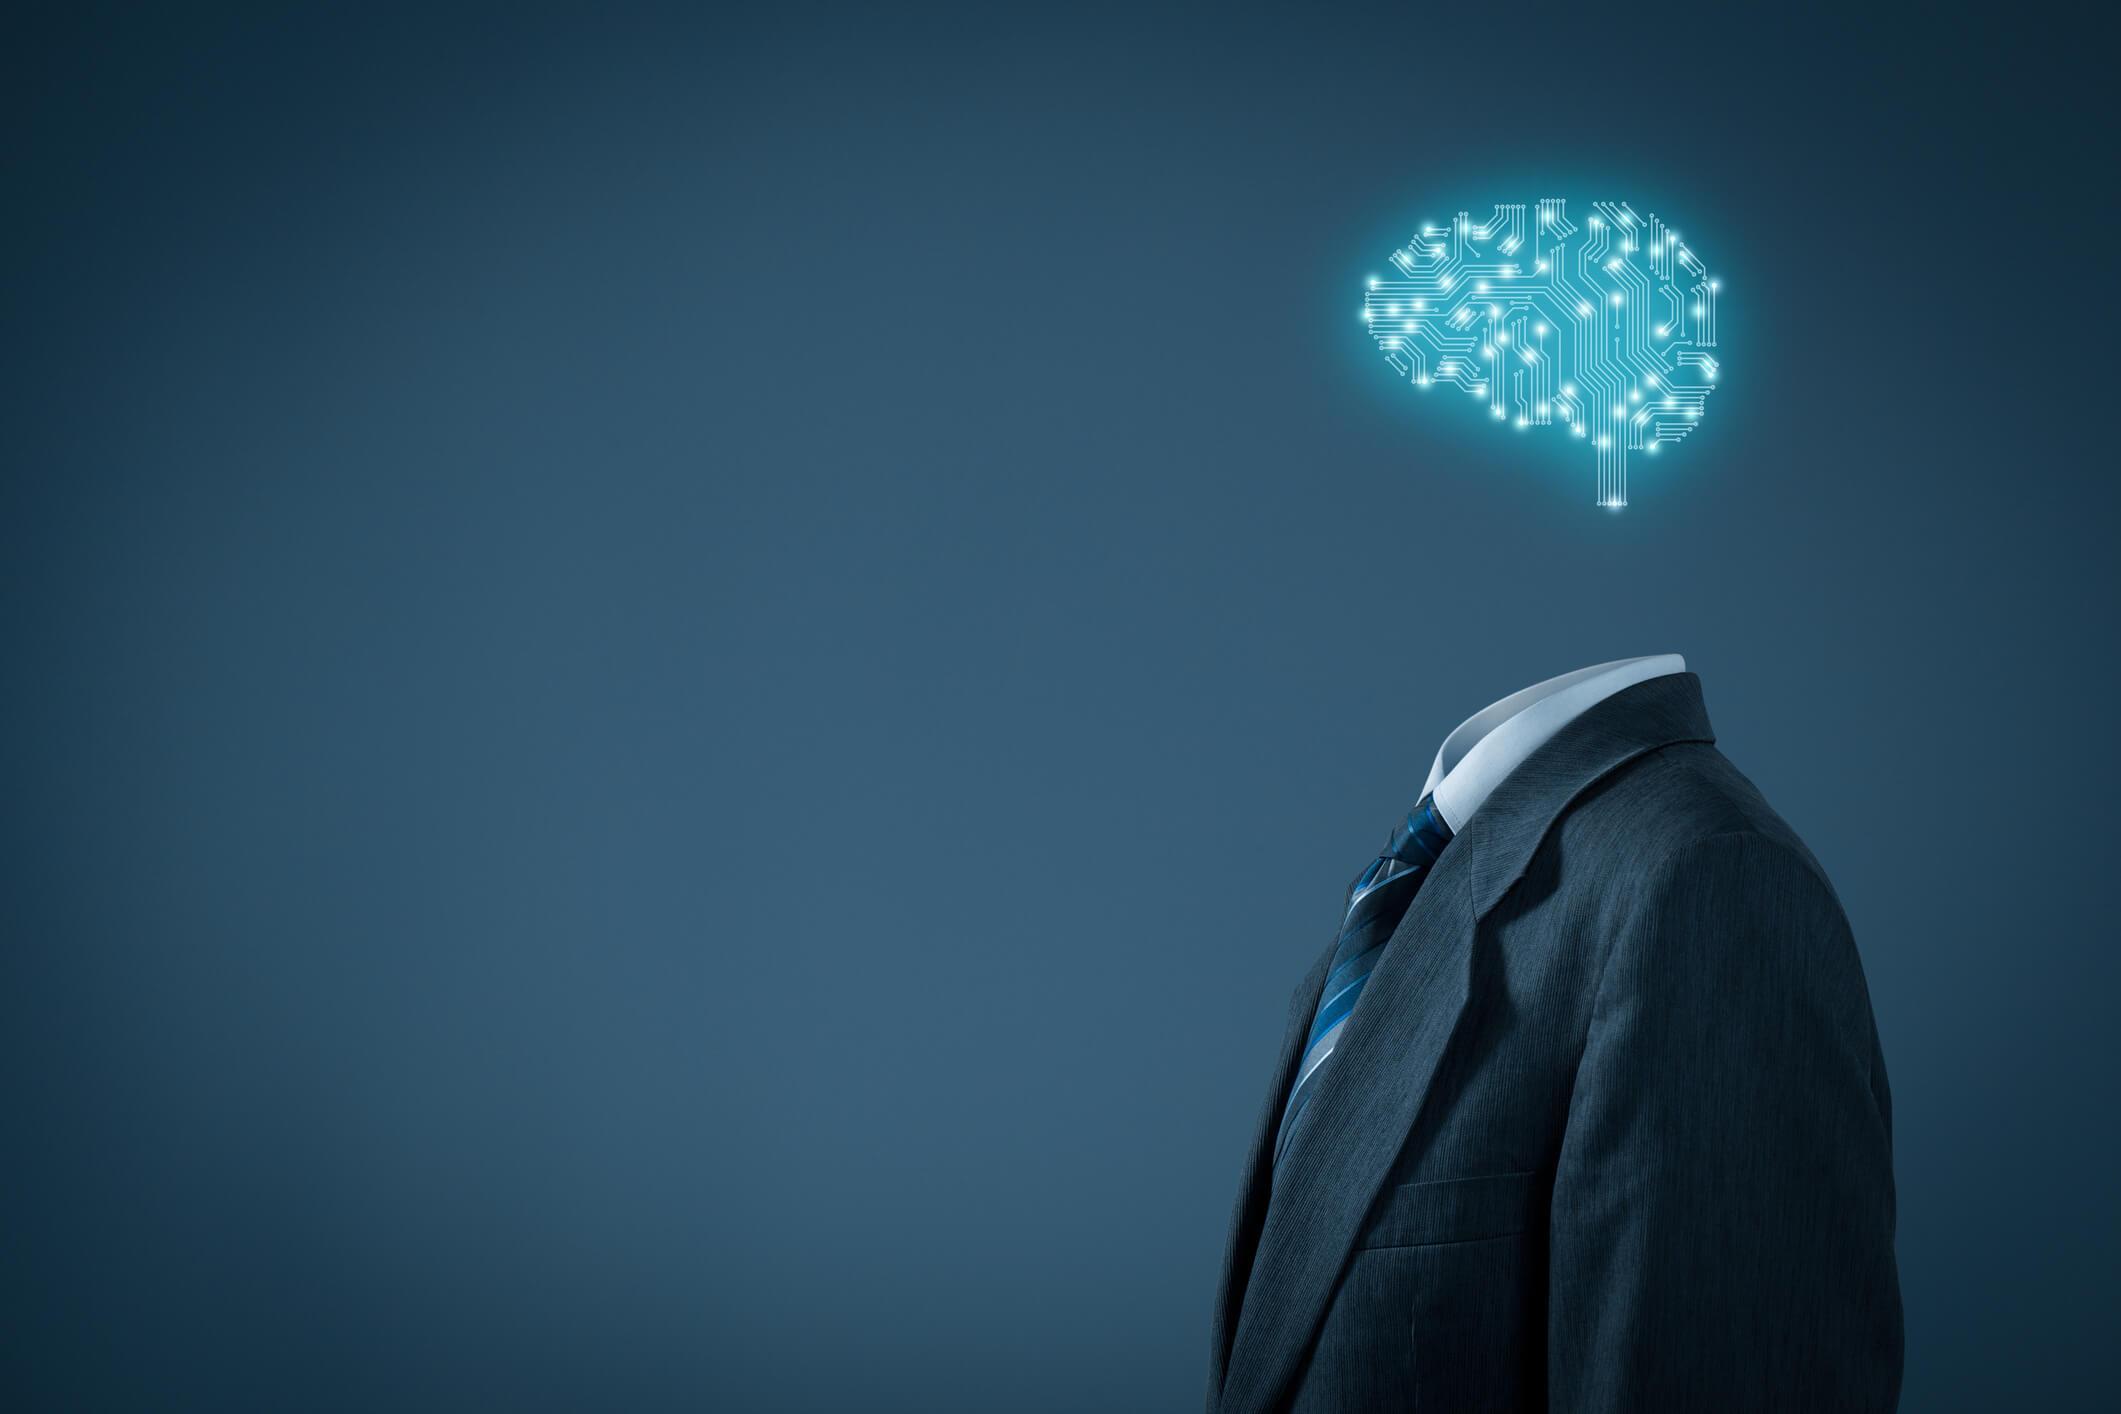 Descubra Como O Business Intelligence Pode Ajudar Na Gestão